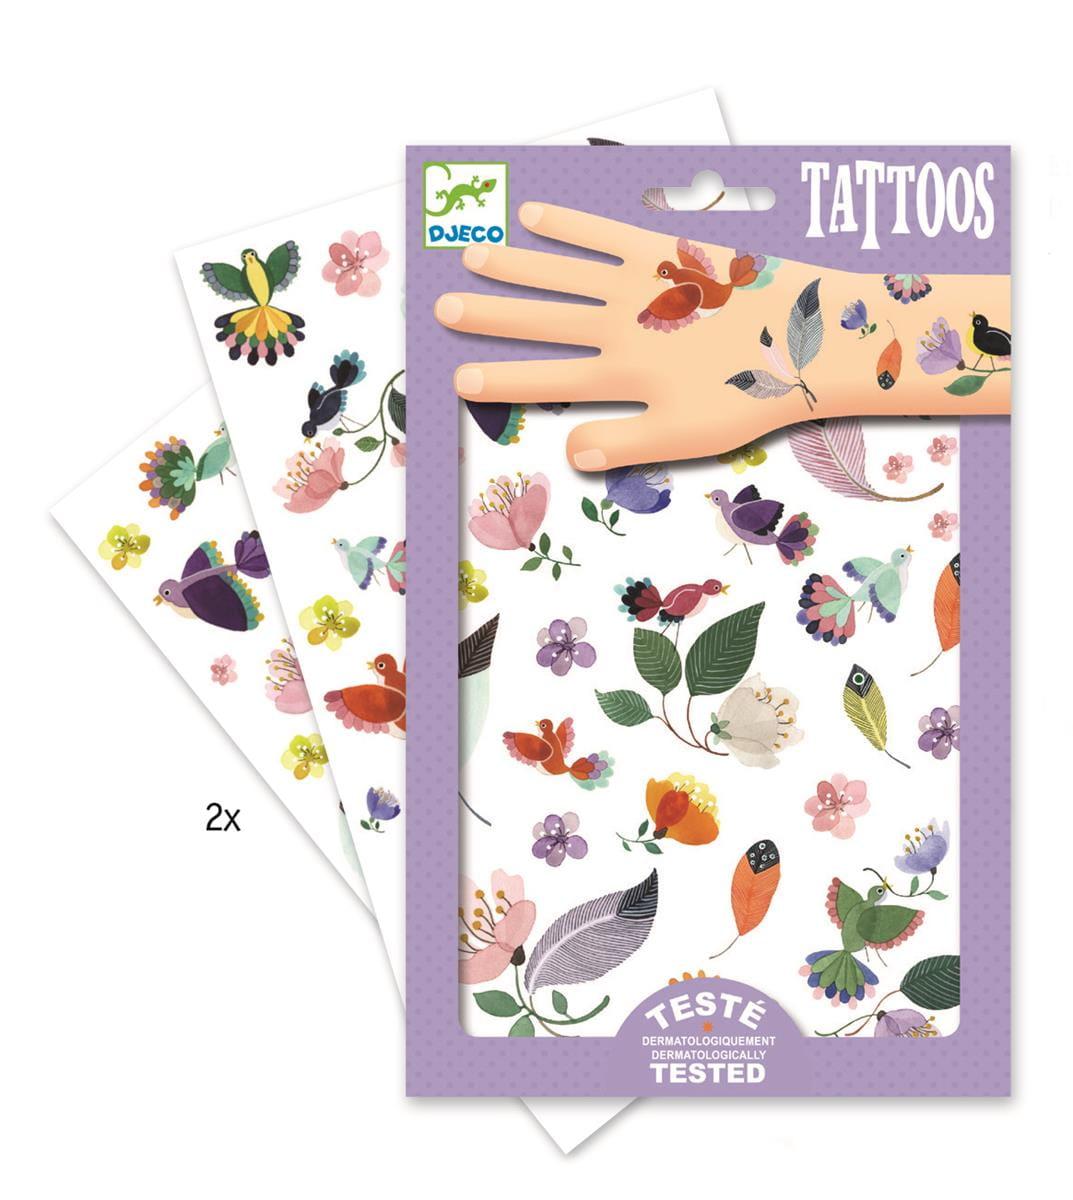 Tatuaże W locie | Djeco